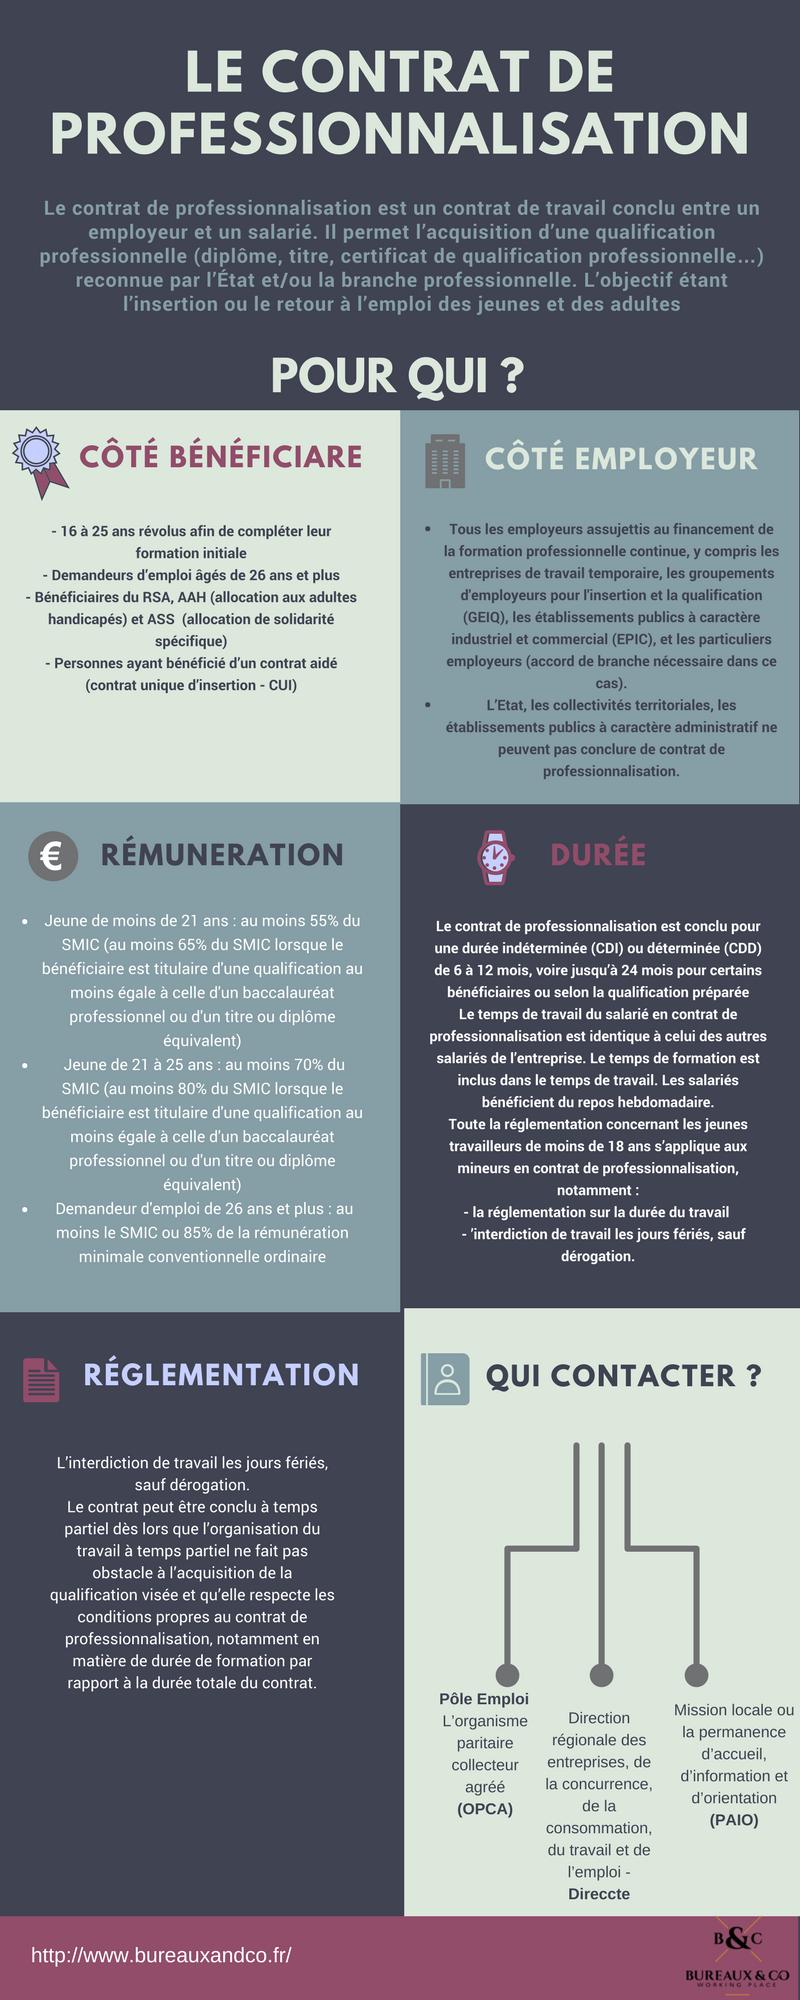 Infographie_ LE CONTRAT DE PROFESSIONNALISATION